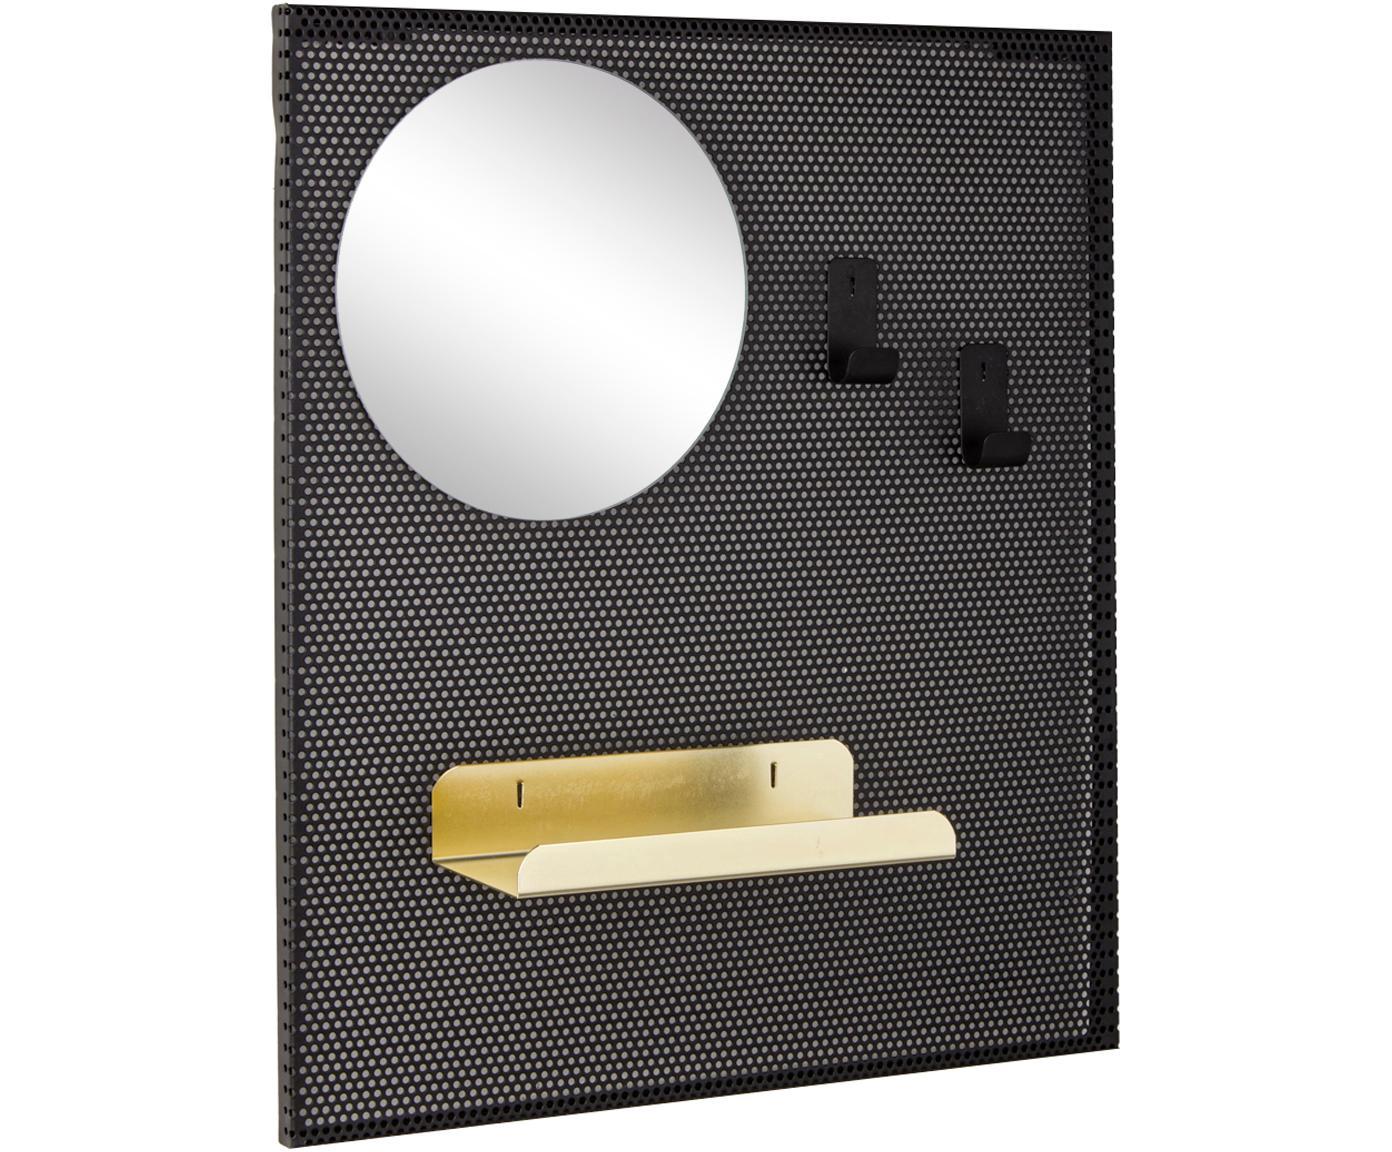 Percher malla de pared Metric, con espejo, Espejo: cristal, Negro, An 40 x Al 46 cm